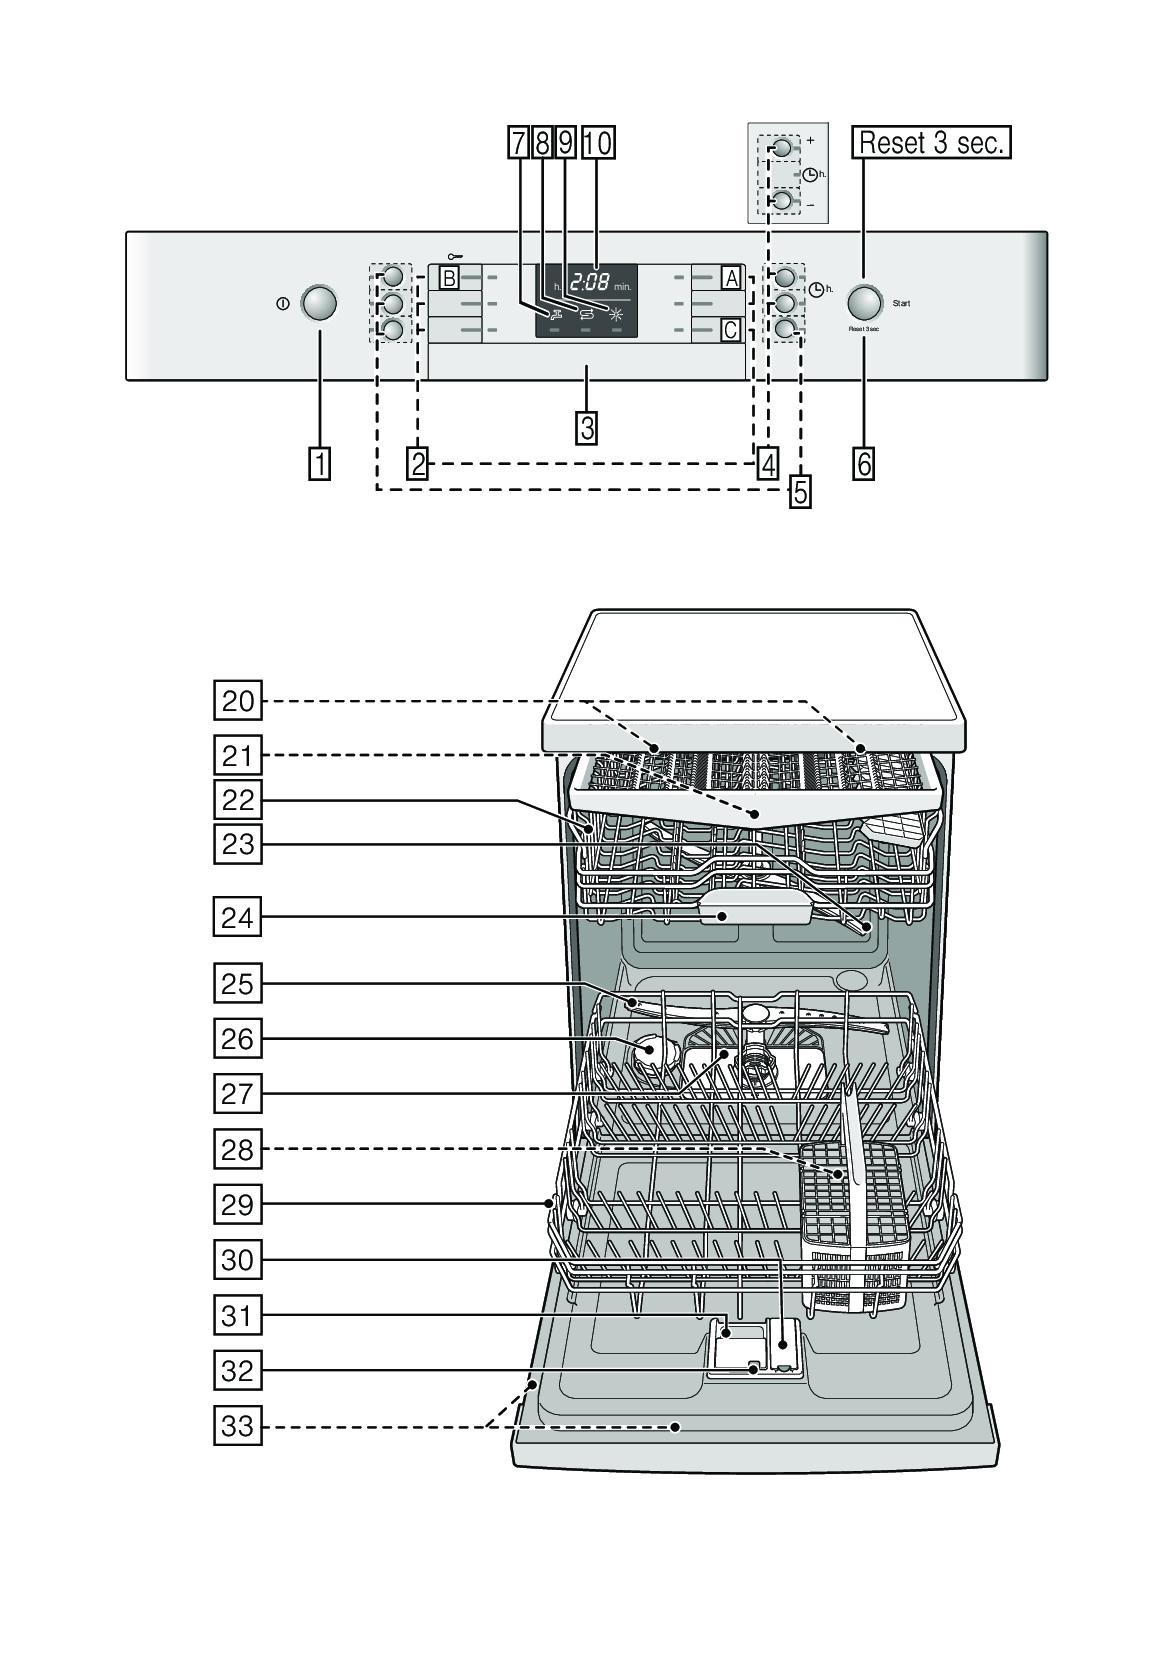 Bảng chỉ dẫn thứ tự và ký hiệu quy ước trên máy rửa bát Bosch Seri 4